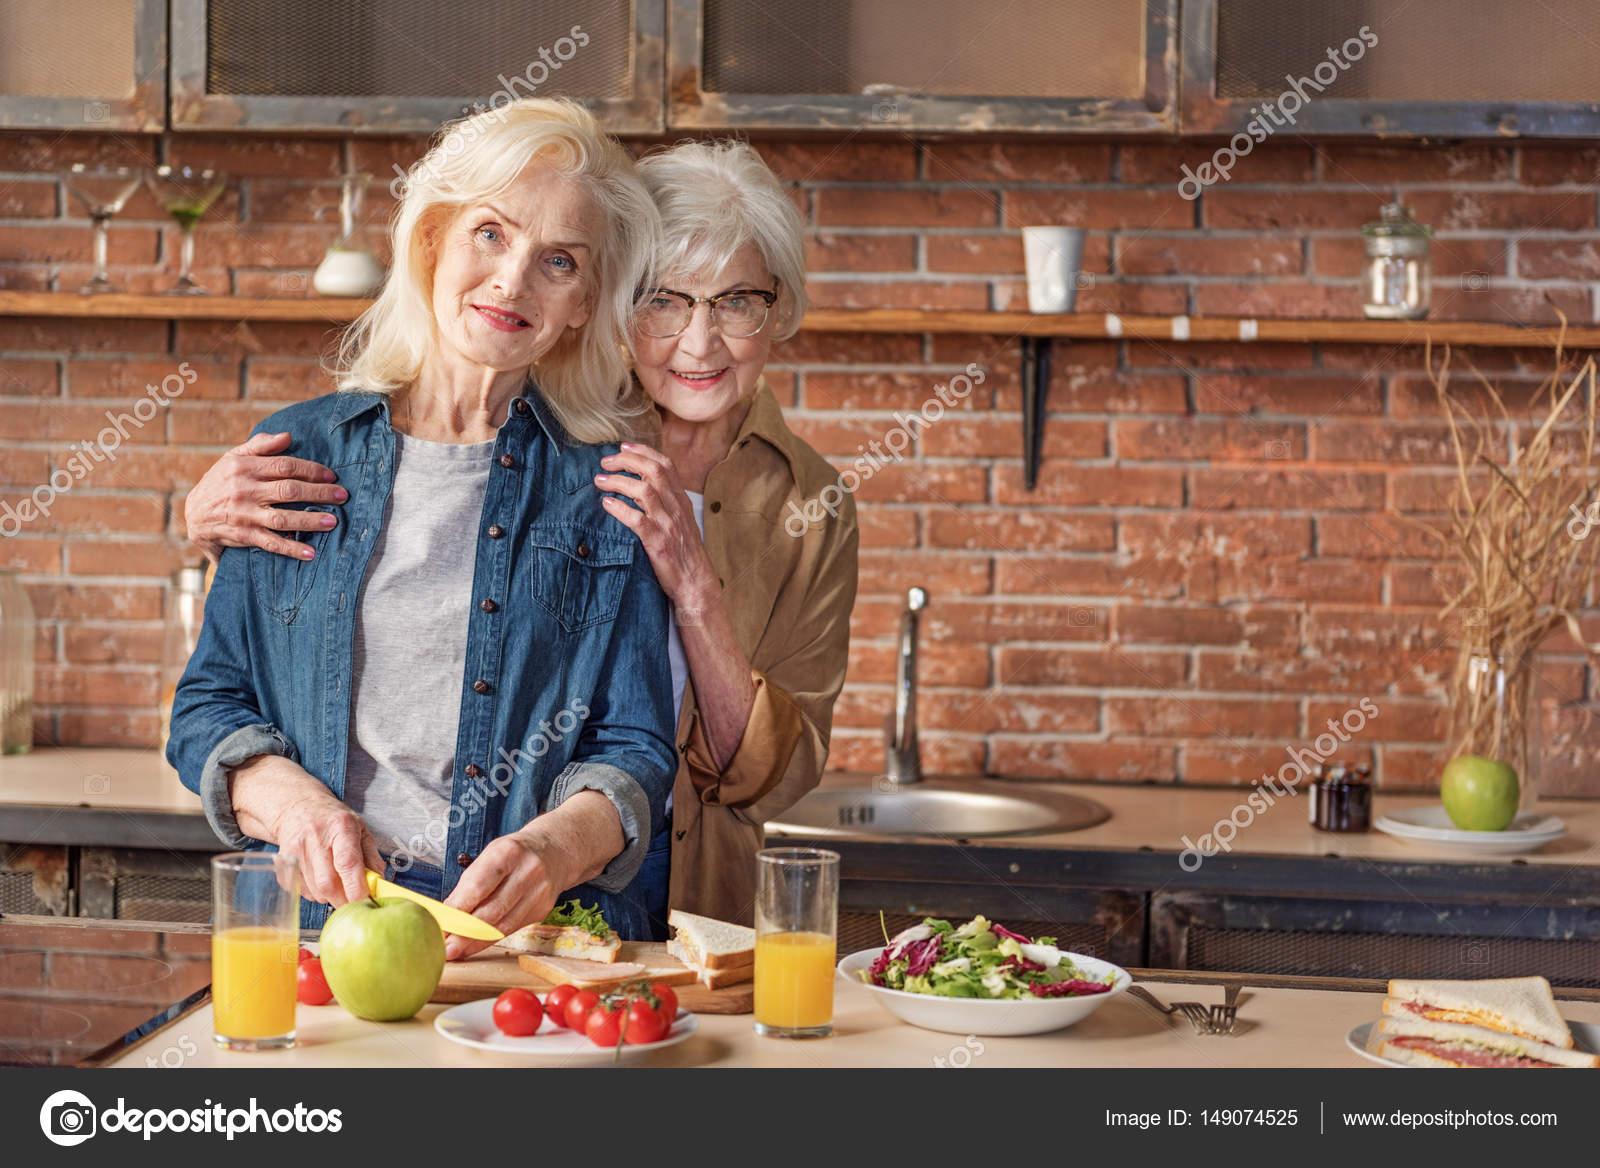 Viejas En La Cocina | Proceso De Alegres Viejas Senoras Disfrutando De Cocinar Foto De